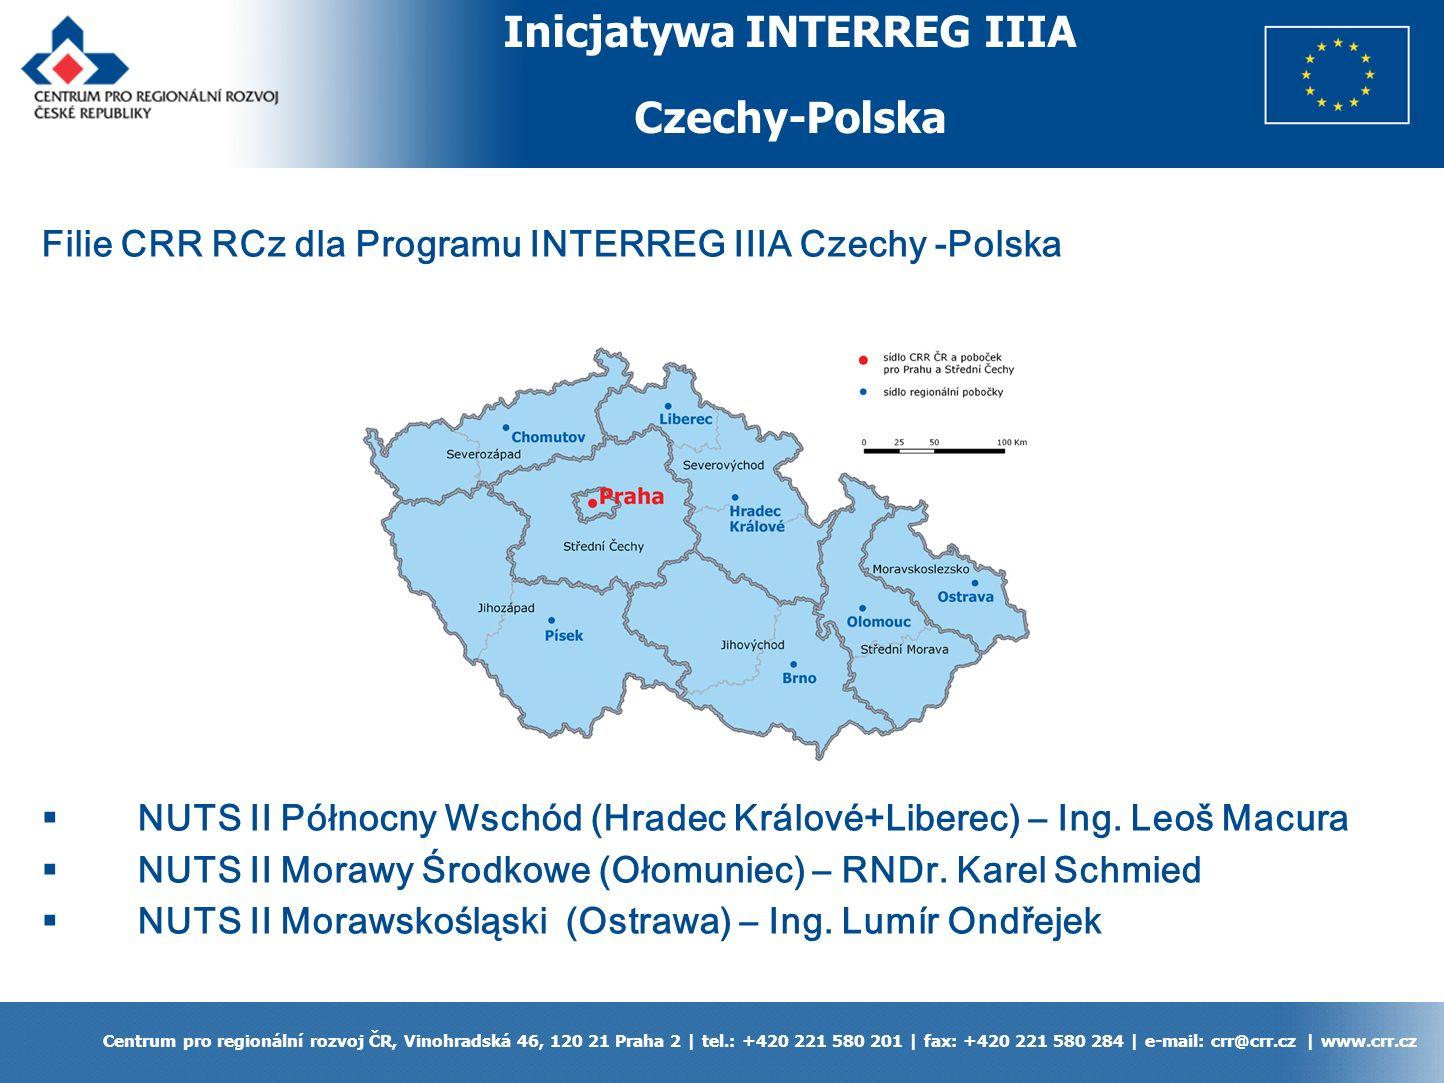 Zadania CRR RCz w ramach Programu INTERREG IIIA Czechy – Polska w latach 2004 - 2006 Centrum pro regionální rozvoj ČR, Vinohradská 46, 120 21 Praha 2 | tel.: +420 221 580 201 | fax: +420 221 580 284 | e-mail: crr@crr.cz | www.crr.cz Najważniejsze zadania: zwieranie z beneficjentami umów o dofinansowanie kontrola 1 stopnia (rzeczowa, finansowa oraz formalna kontrola projektów) przyjmowanie wniosków o płatność włącznie z fakturami od beneficjentów oraz przygotowanie oświadczeń o wykonanej pracy przyjmownie i kontrola raportów o postępie w realizacji projektów kontrola sposobu postępowania beneficjenta podczas ogłaszania przetargów wprowadzanie danych do systemu monitorującego MONIT